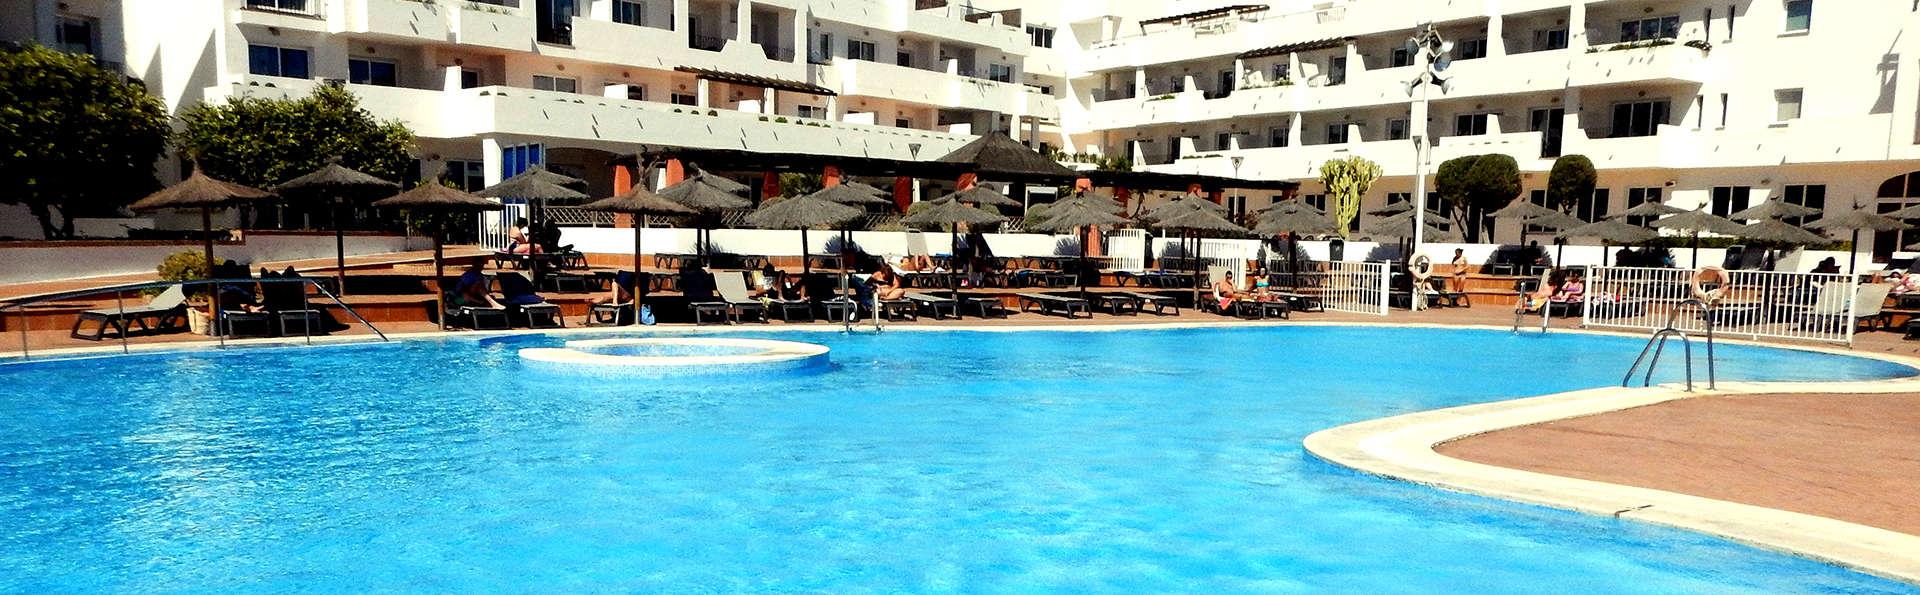 Oferta anticipada: Cabo de Gata con spa, media pensión y niño gratis